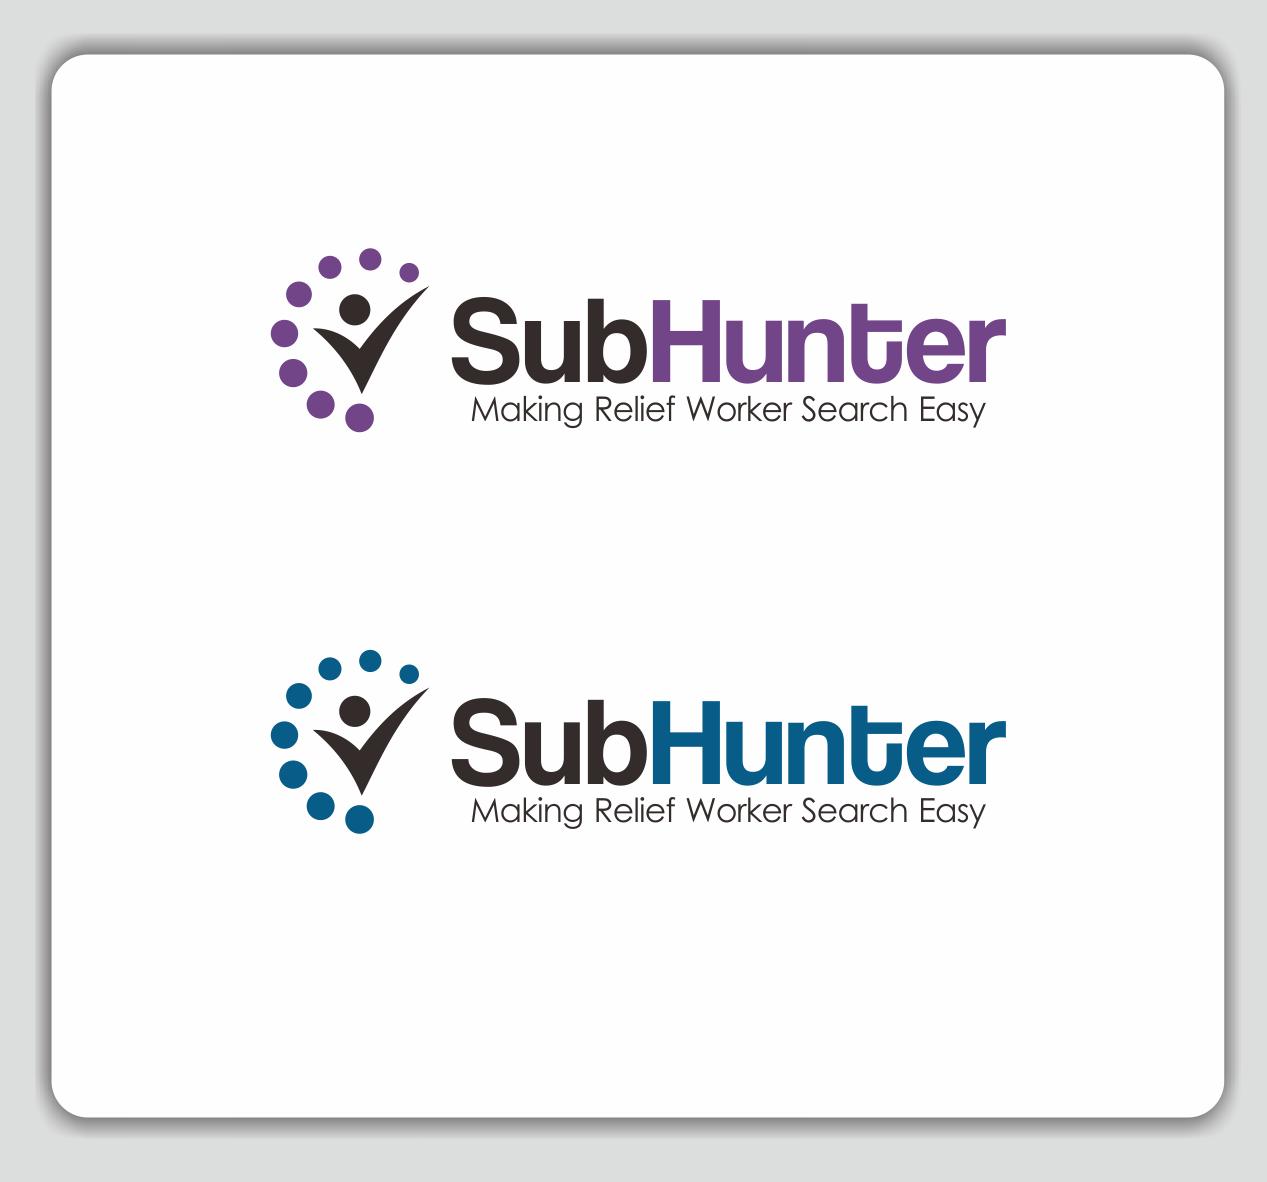 logo for SubHunter